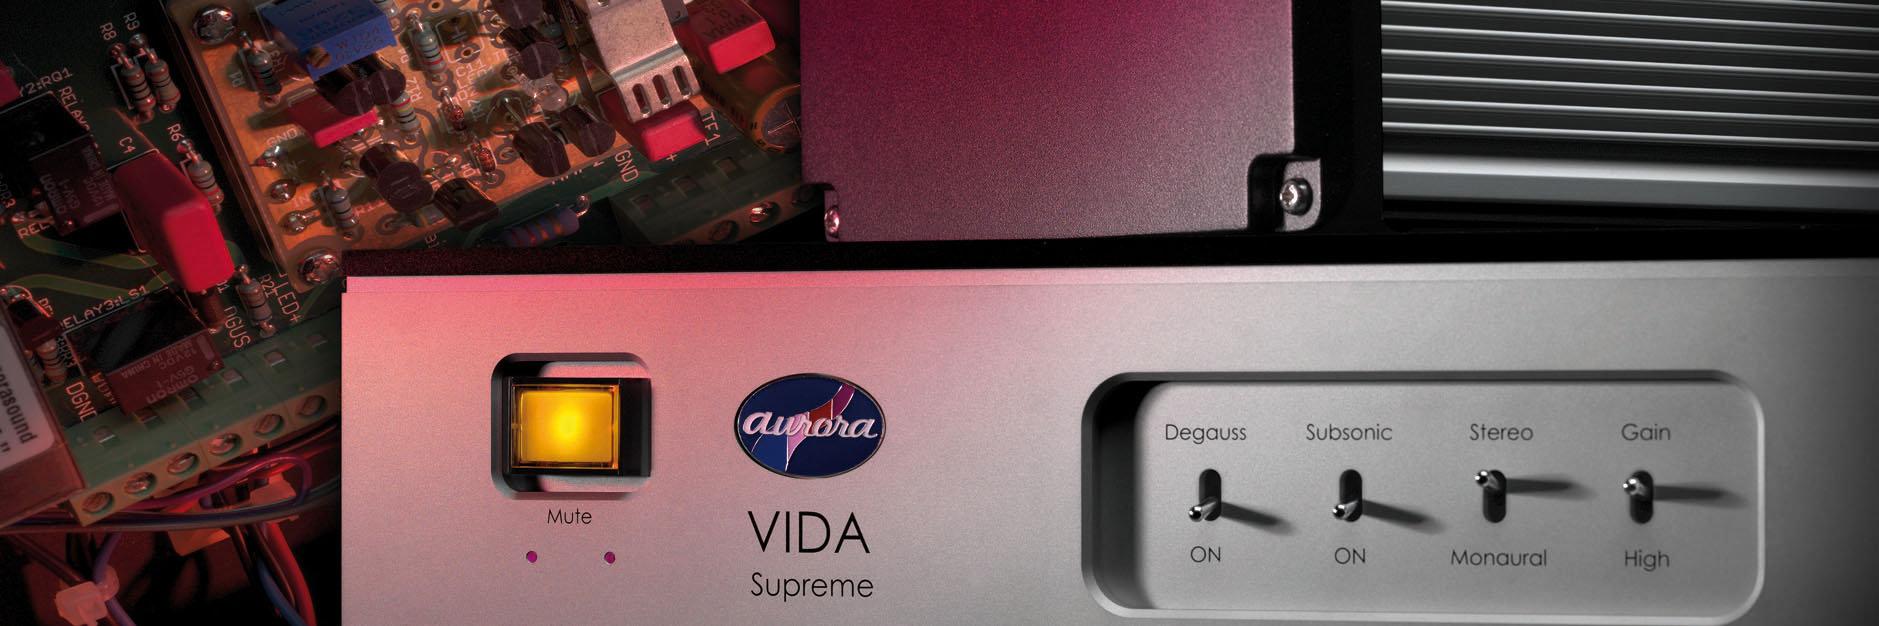 Aurorasound VIDA Supreme